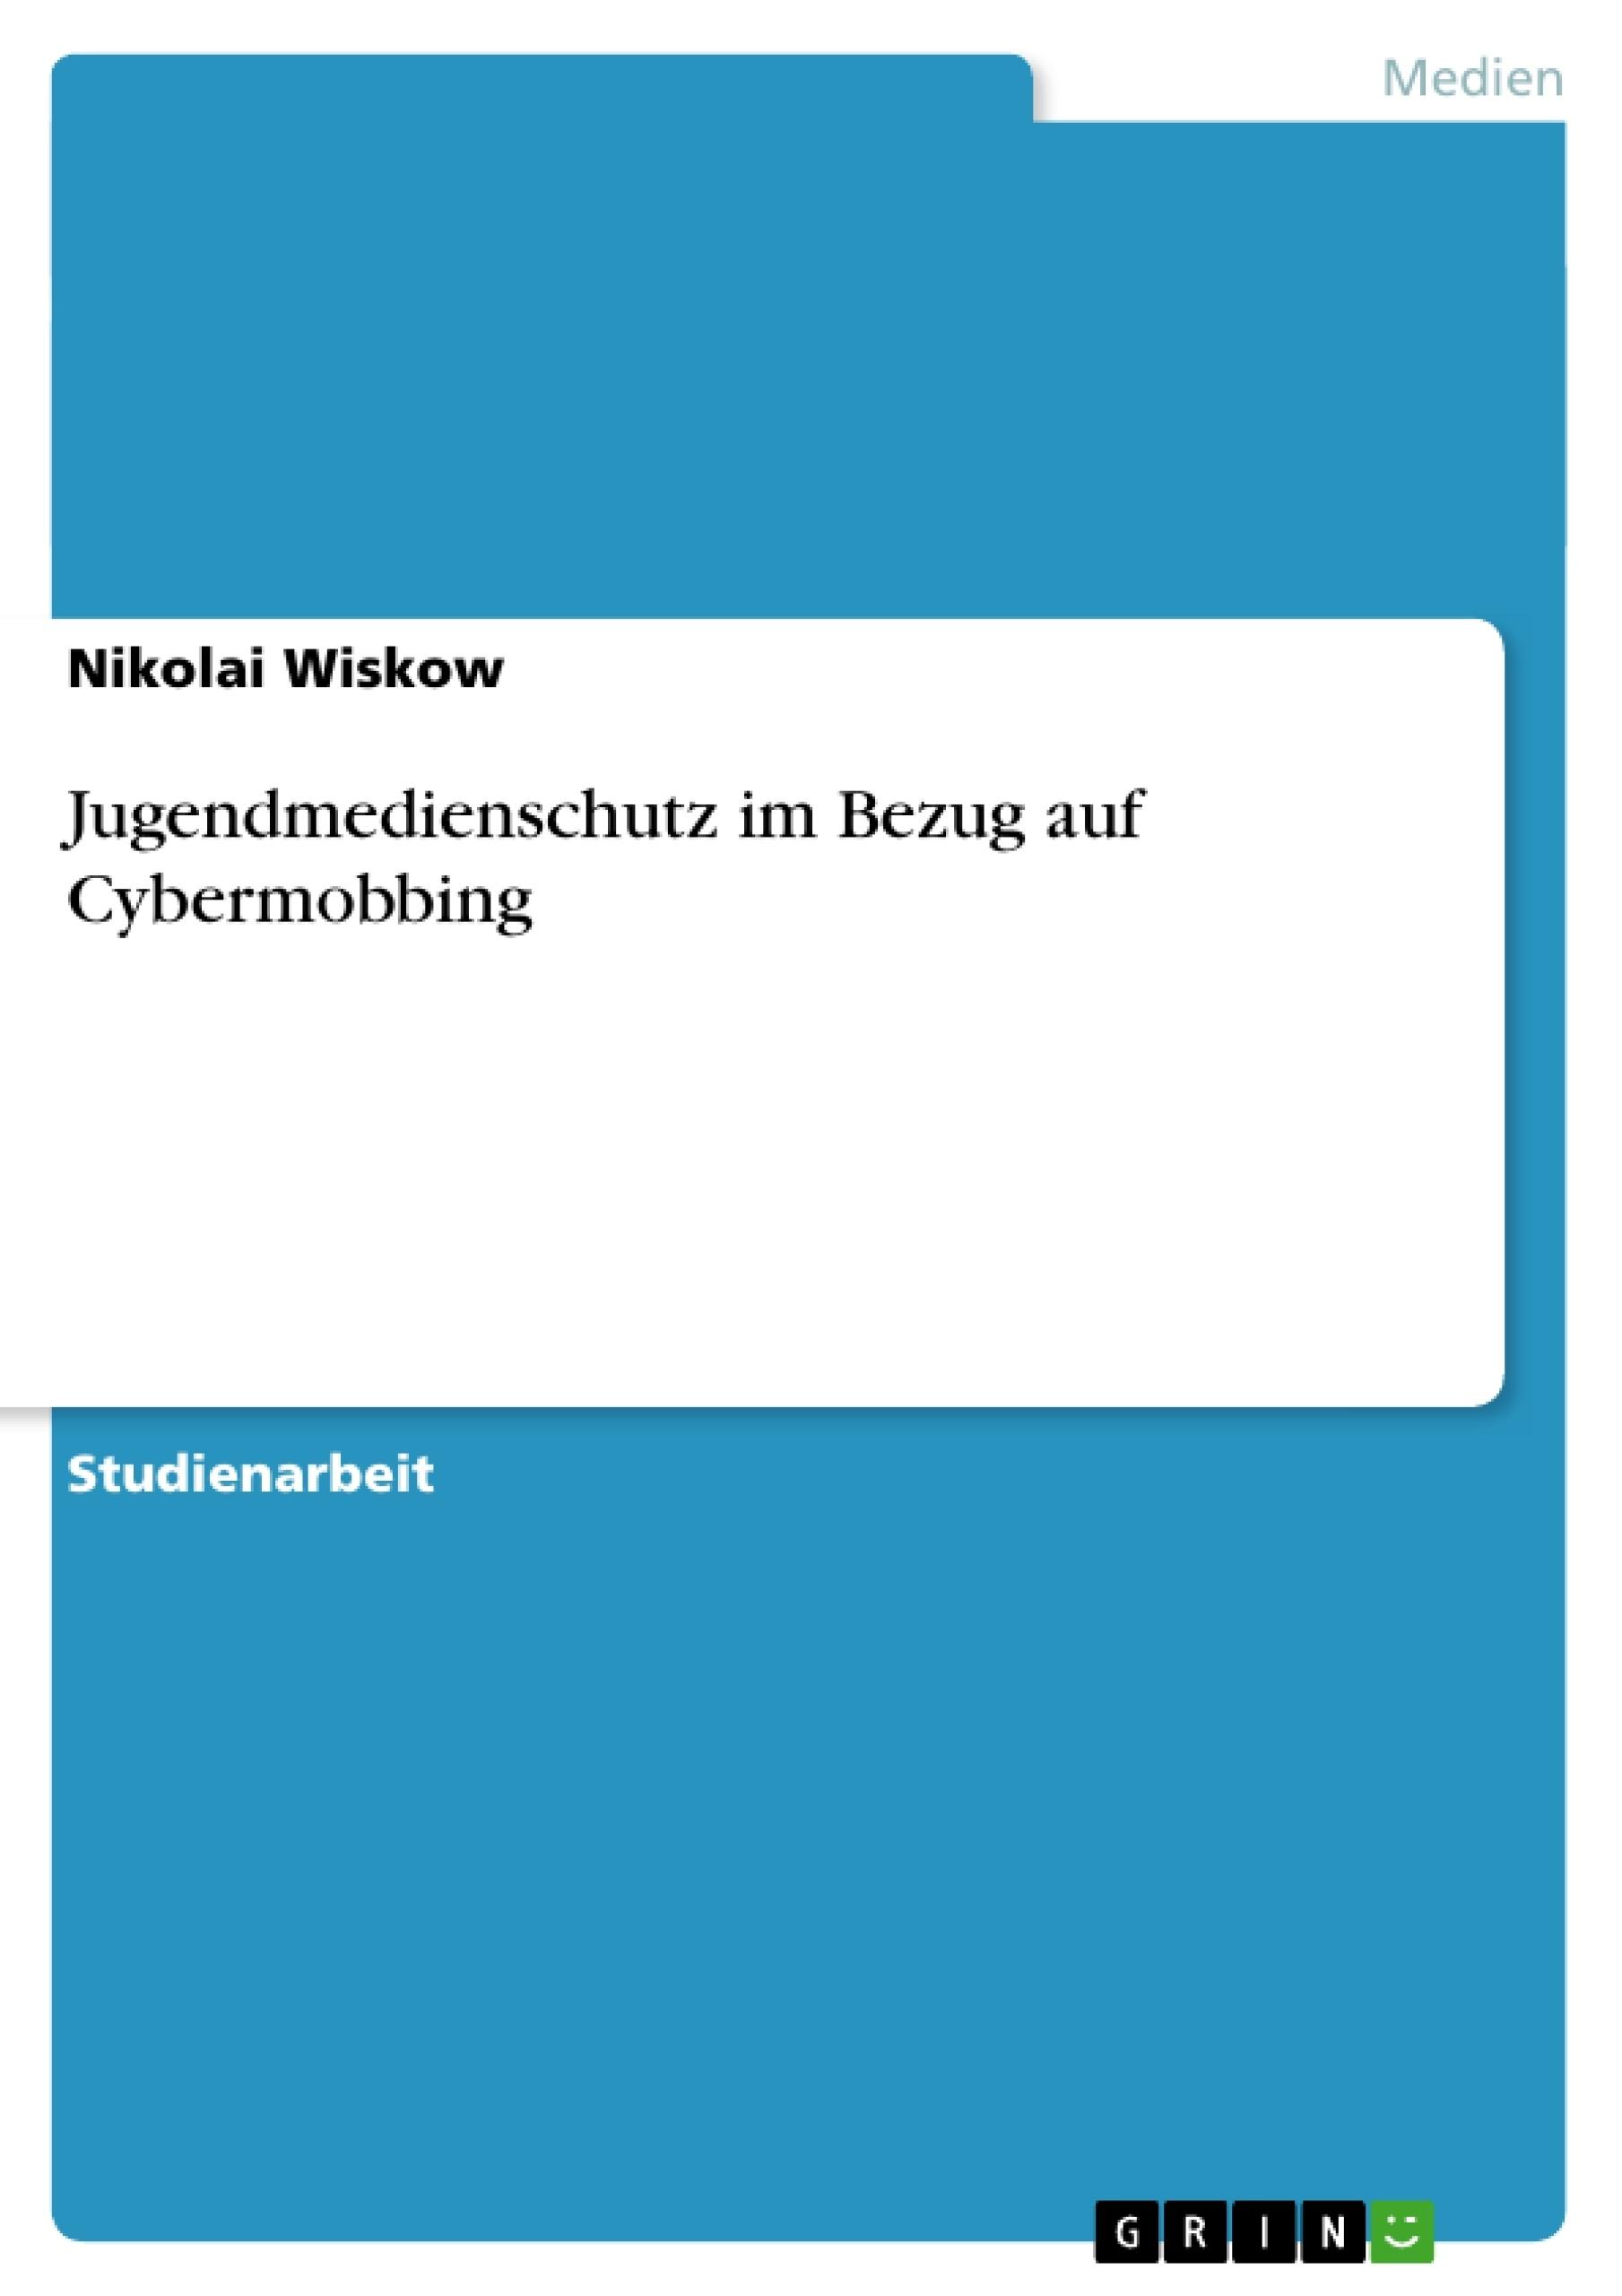 Titel: Jugendmedienschutz im Bezug auf Cybermobbing